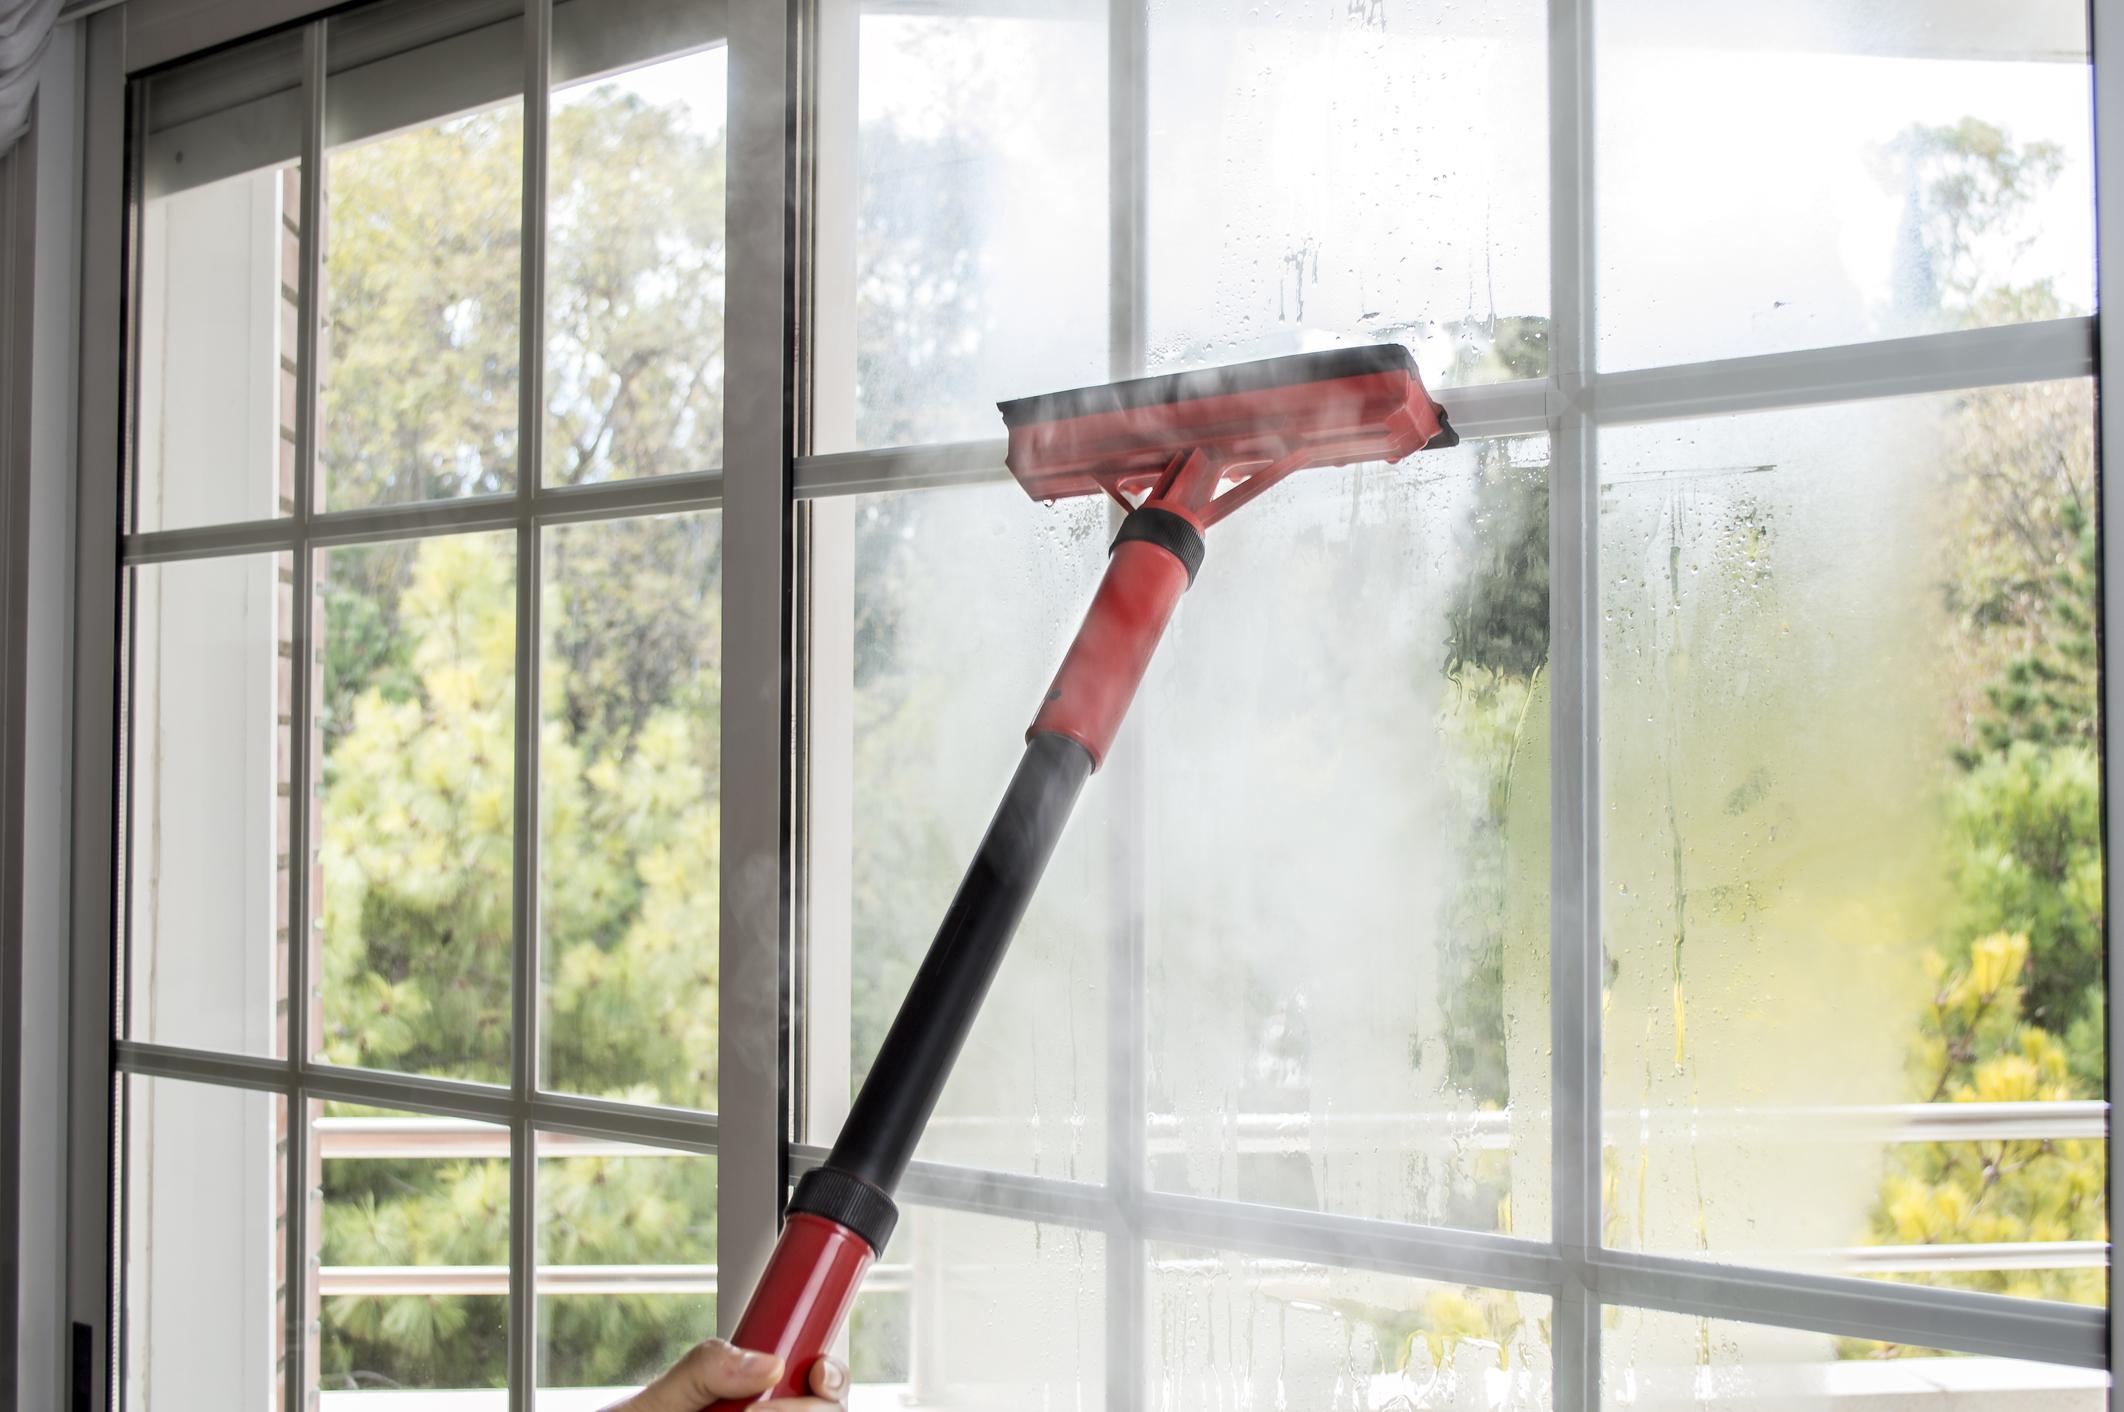 limpeza-maquina-de-limpar-a-vapor